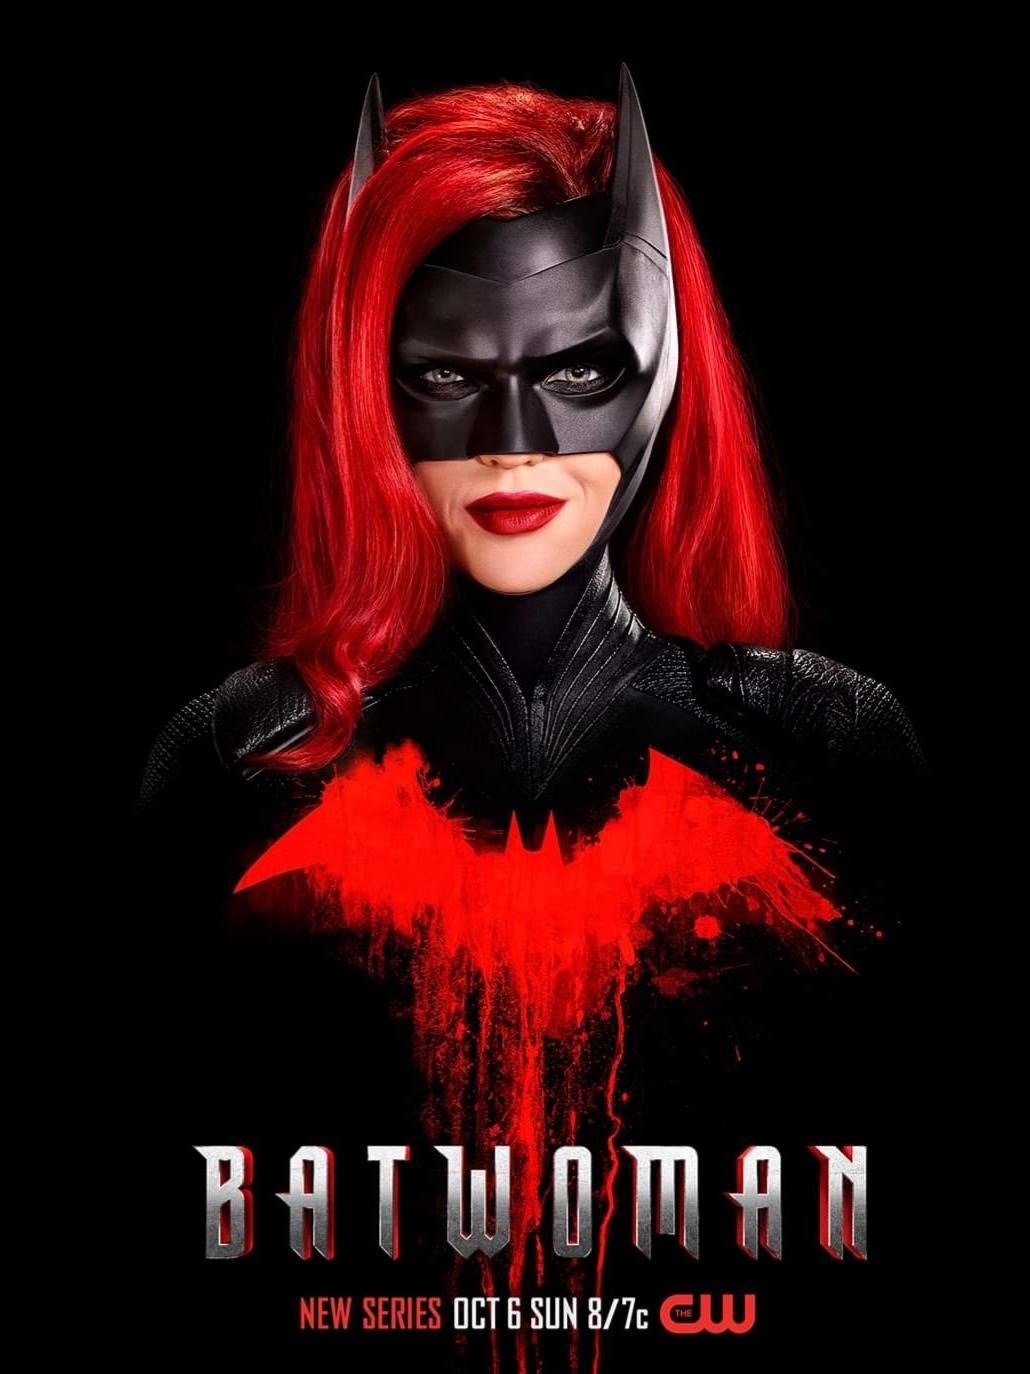 Batwoman.S01E06.HDTV.x264-KILLERS